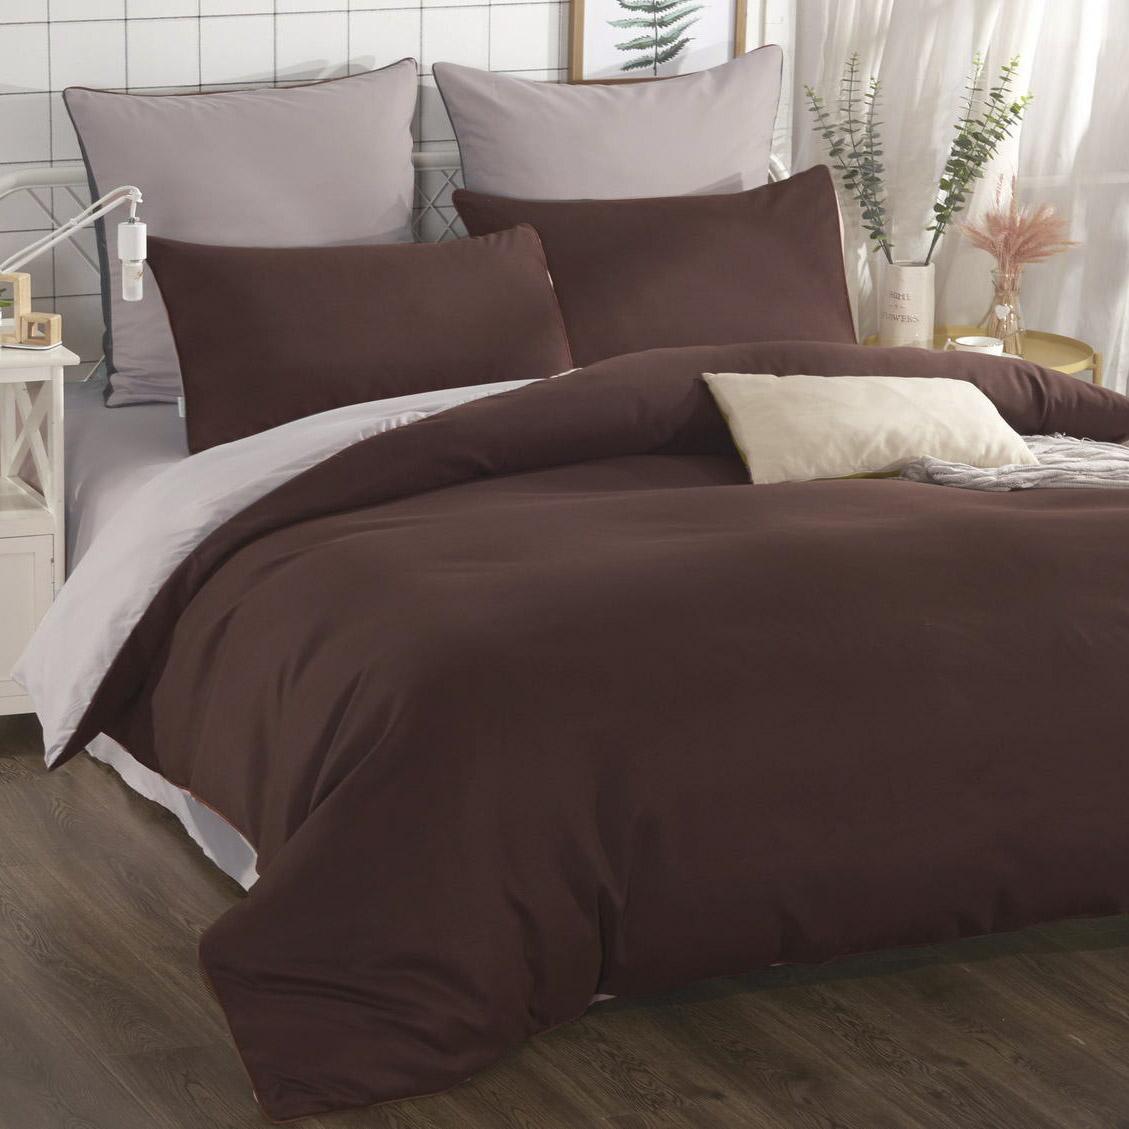 Комплект постельного белья Sofi De Marko Элегант Двуспальный евро (ЕВРО-503Э)